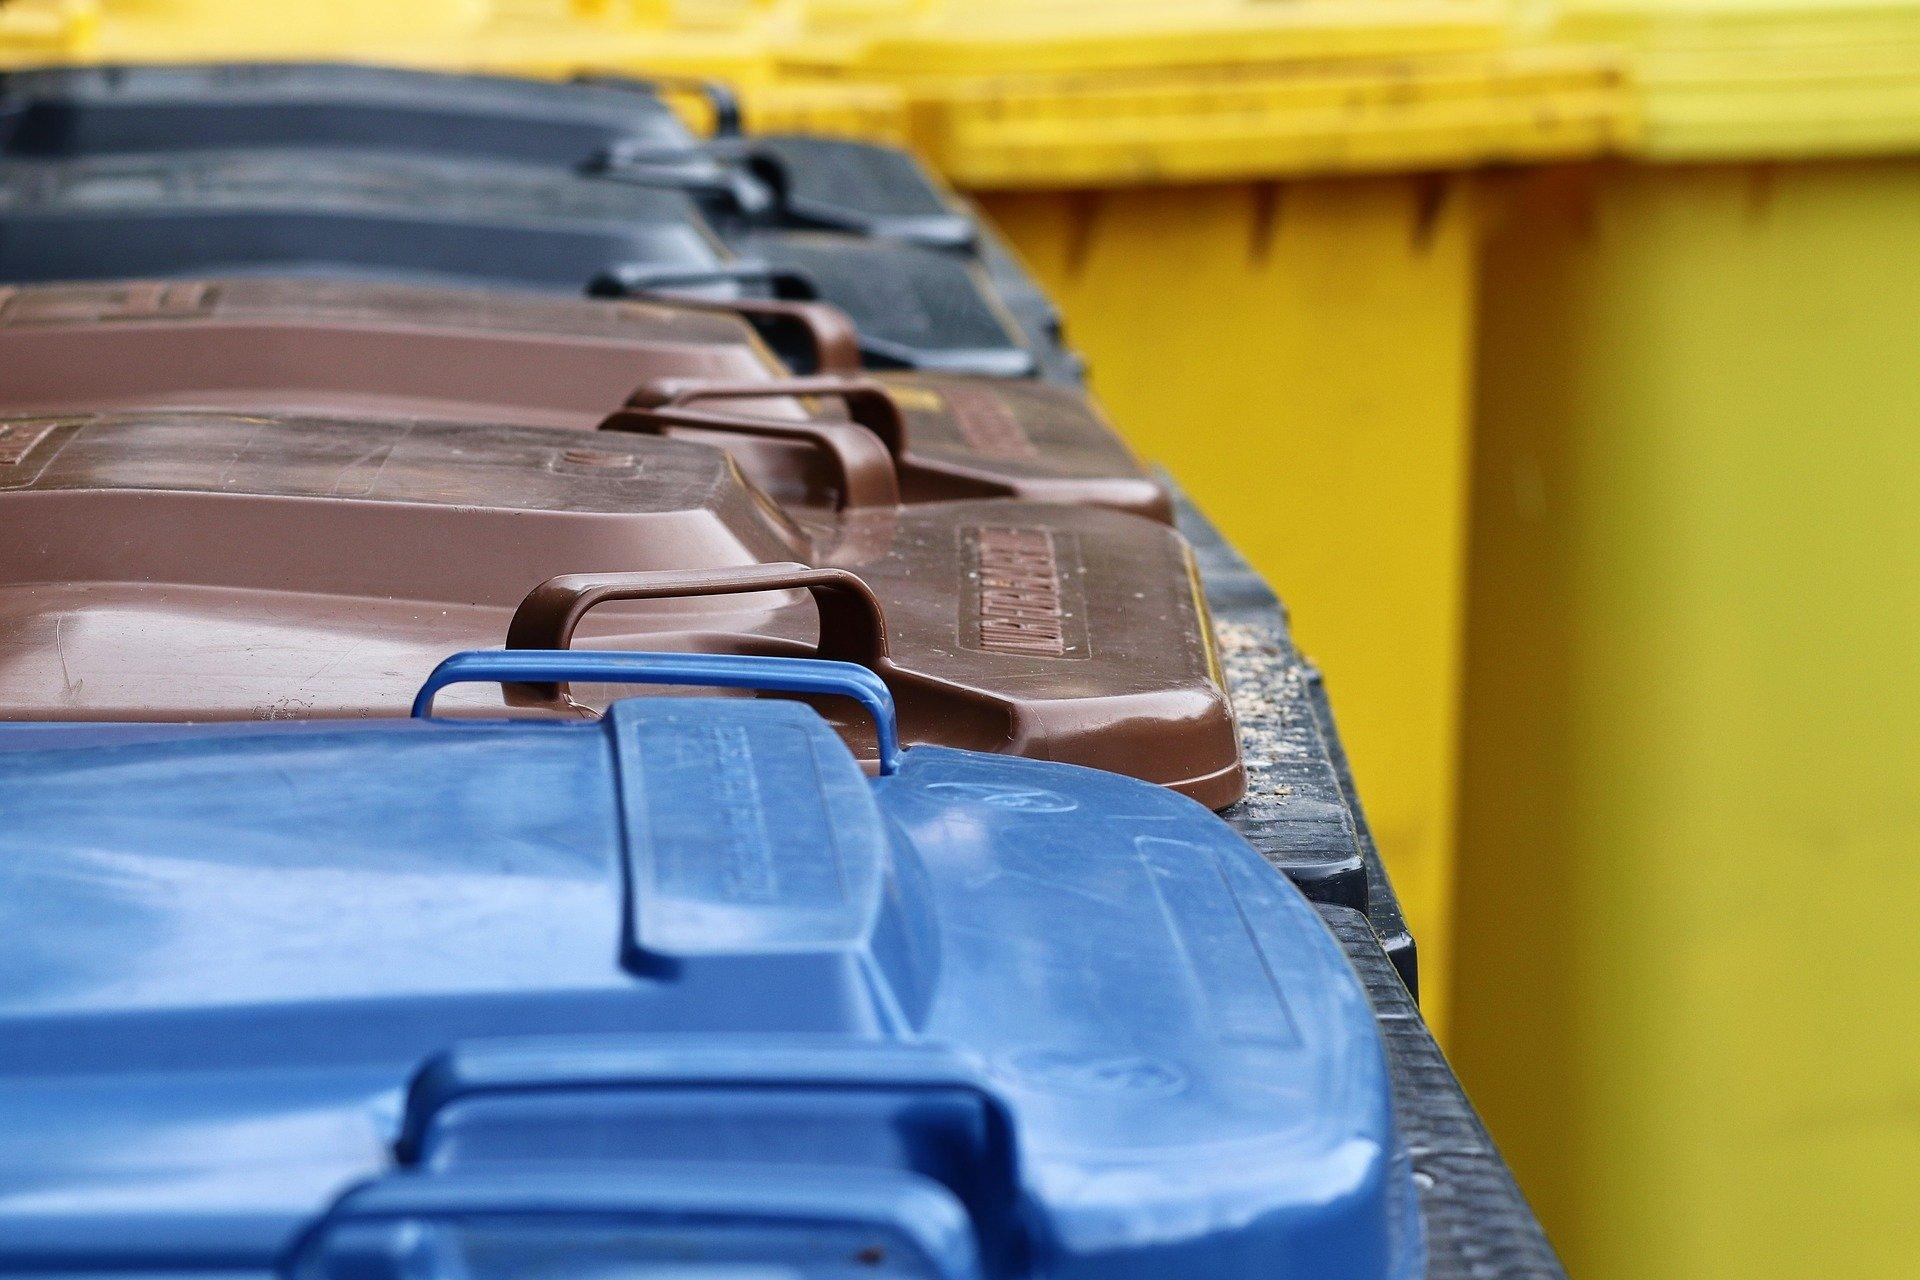 Bruxelles-Propreté veut relocaliser le Recypark à Woluwe-Saint-Pierre